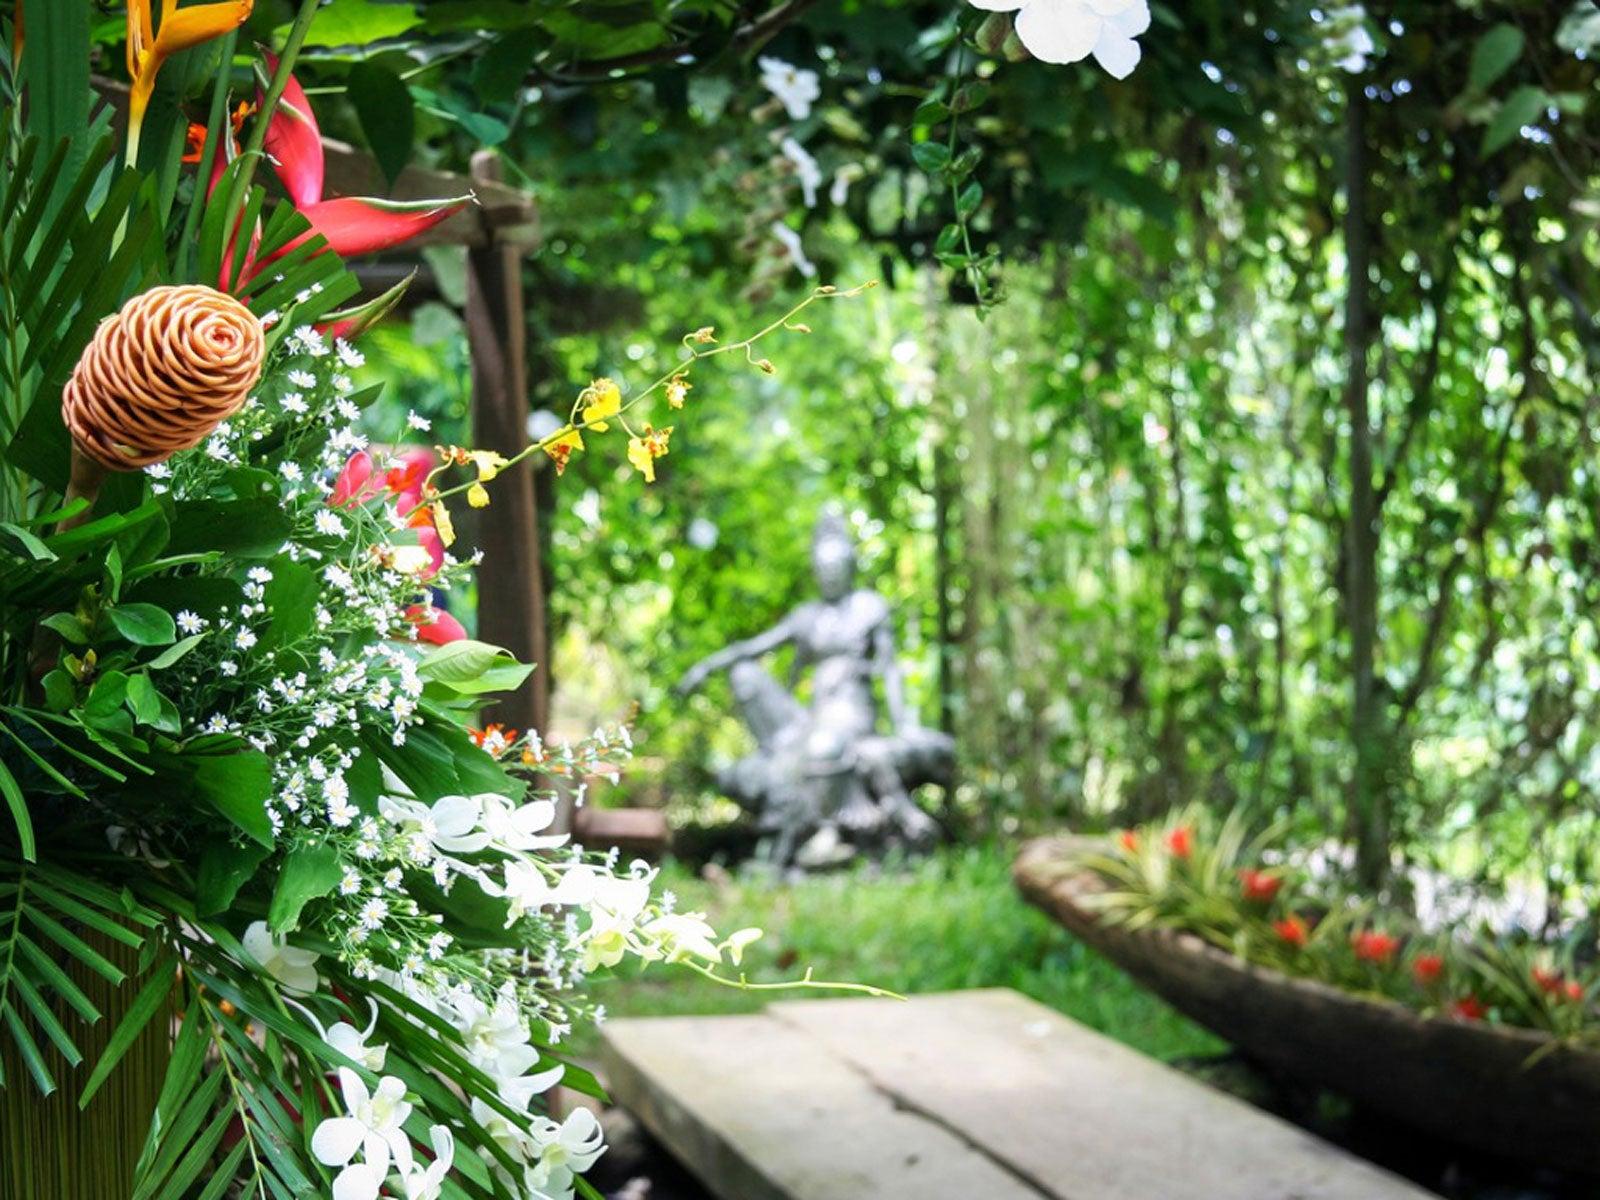 Philippine Garden Design Growing Philippine Plants In Your Garden